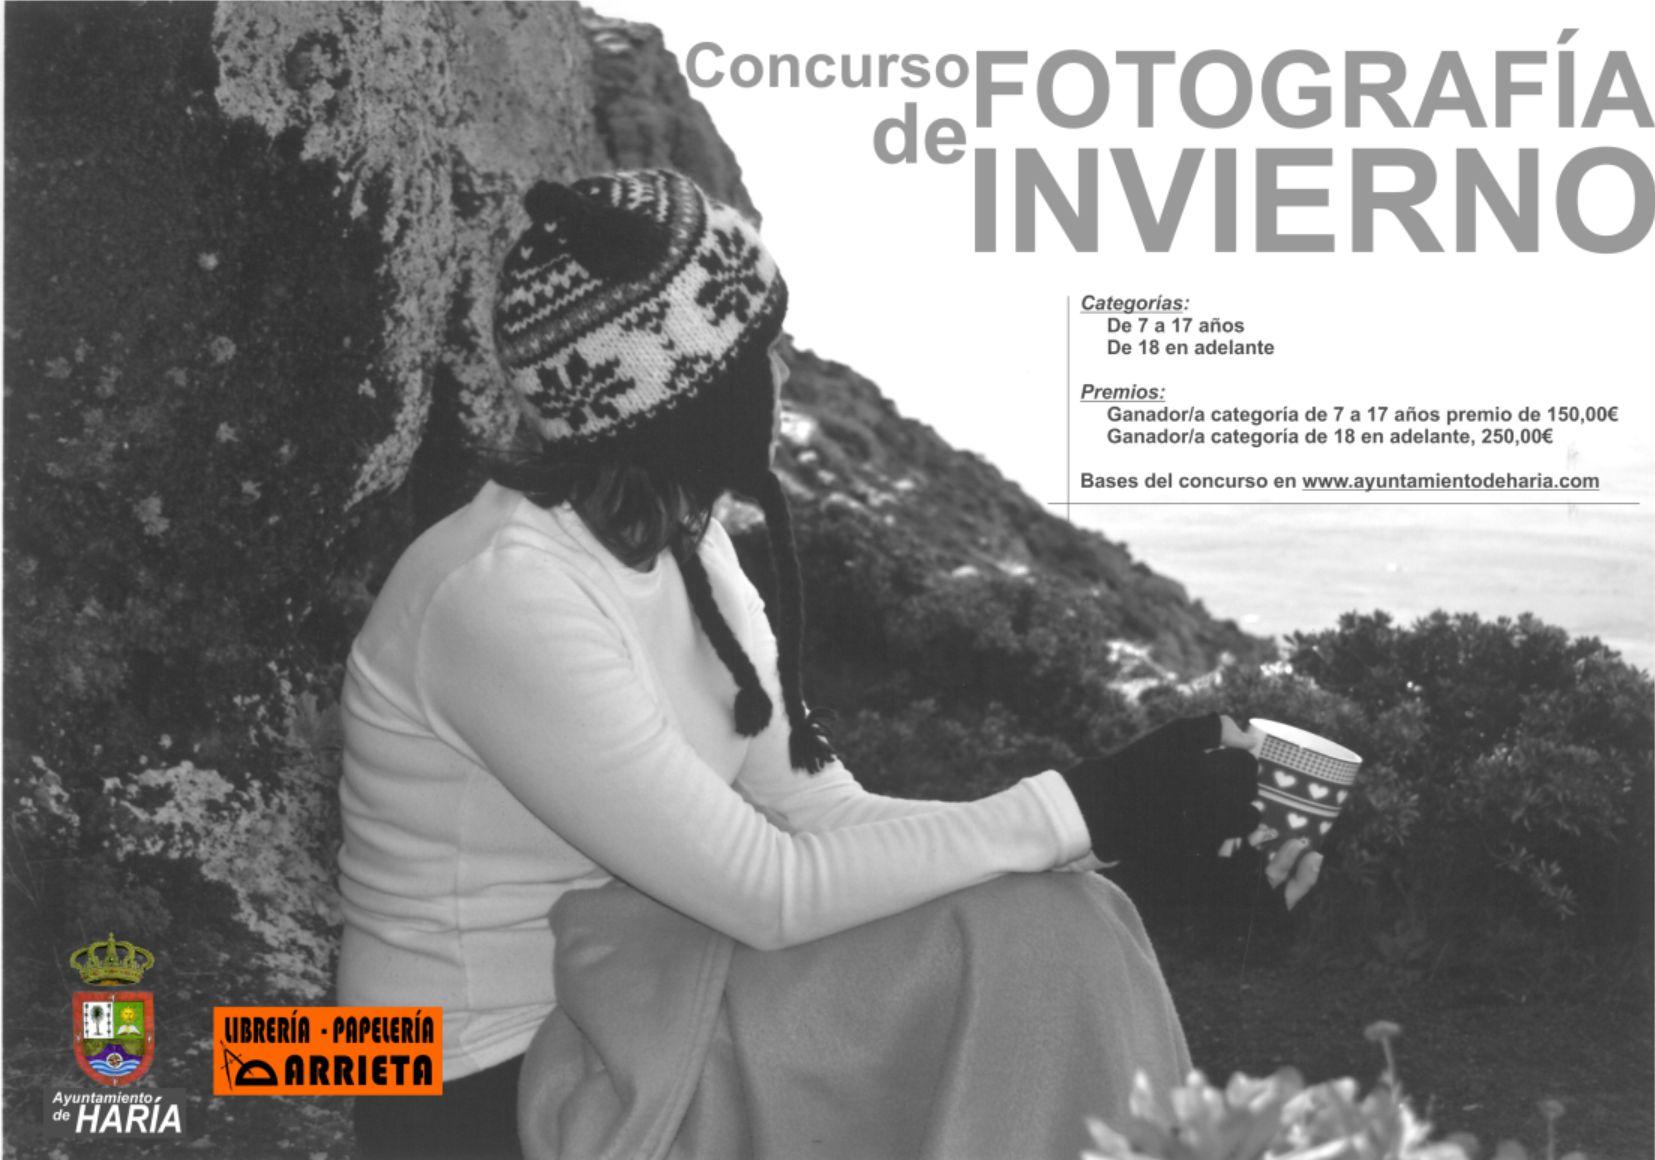 Cartel Concurso Fotografia Invierno 2017